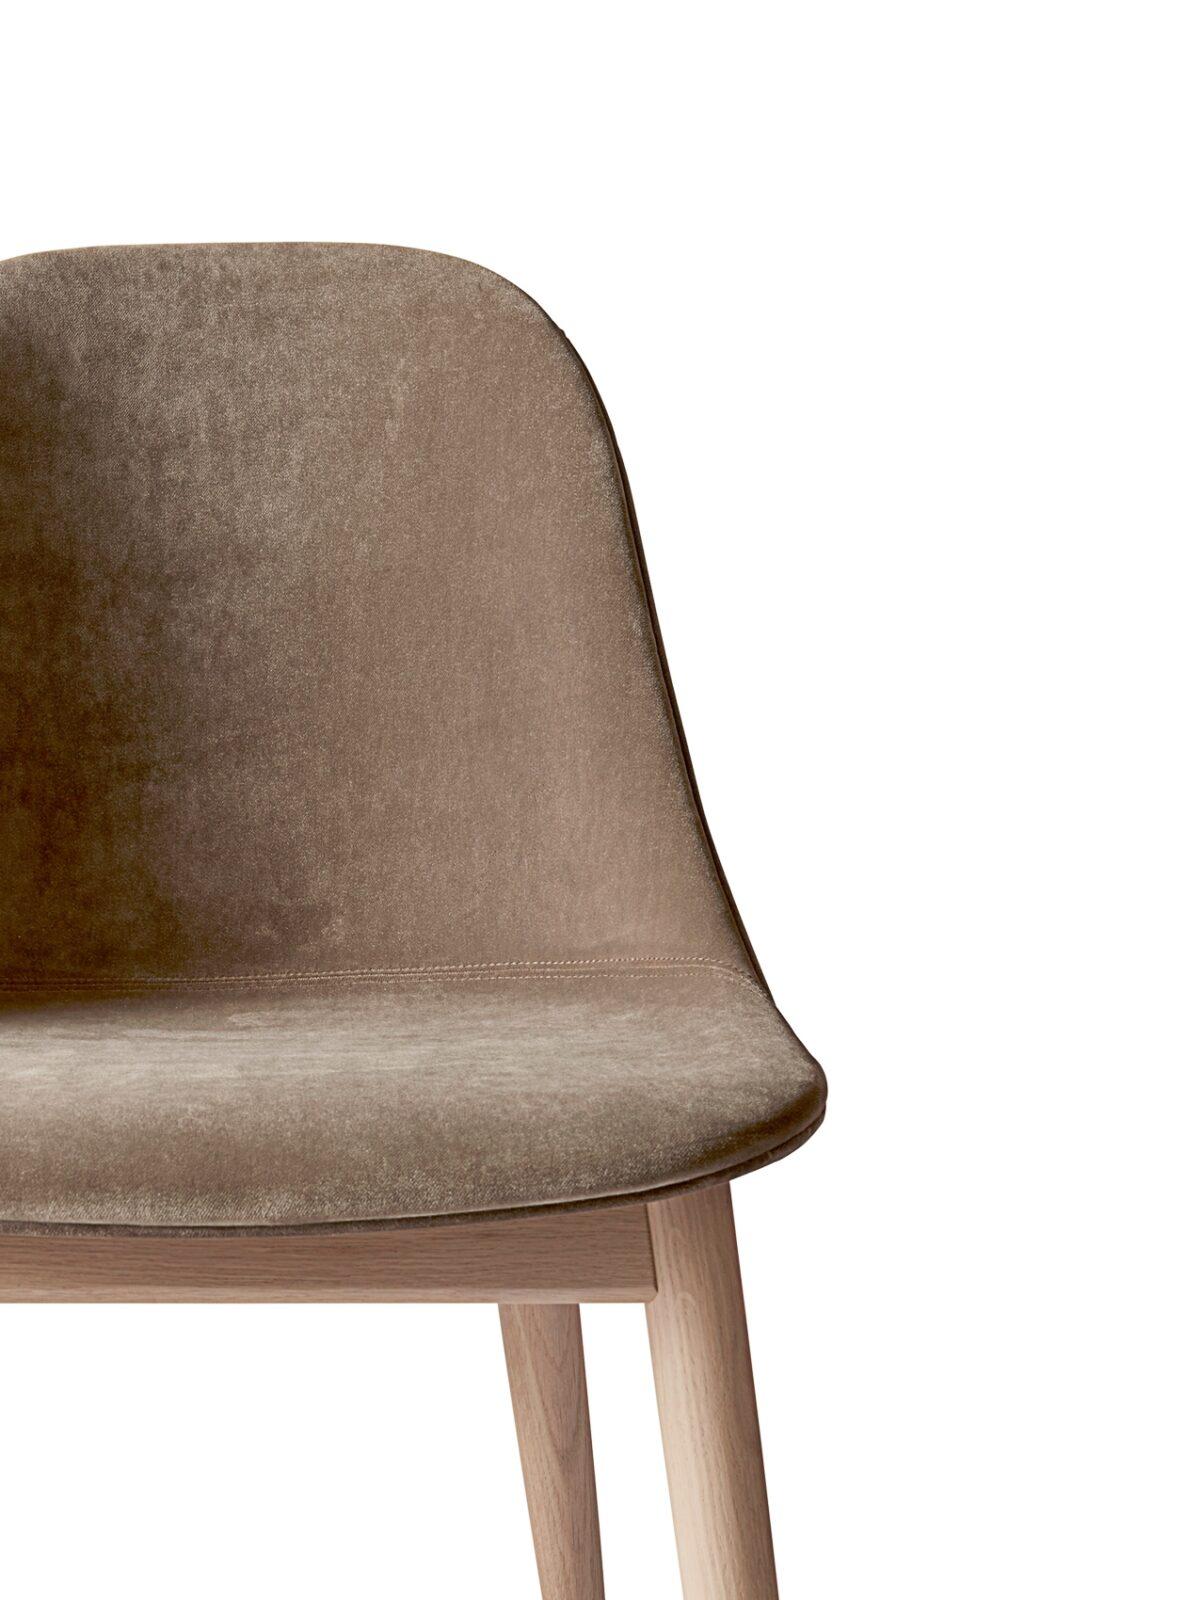 9270989 Harbour Side Chair Natural Oak City Velvet CA7832 078 detail